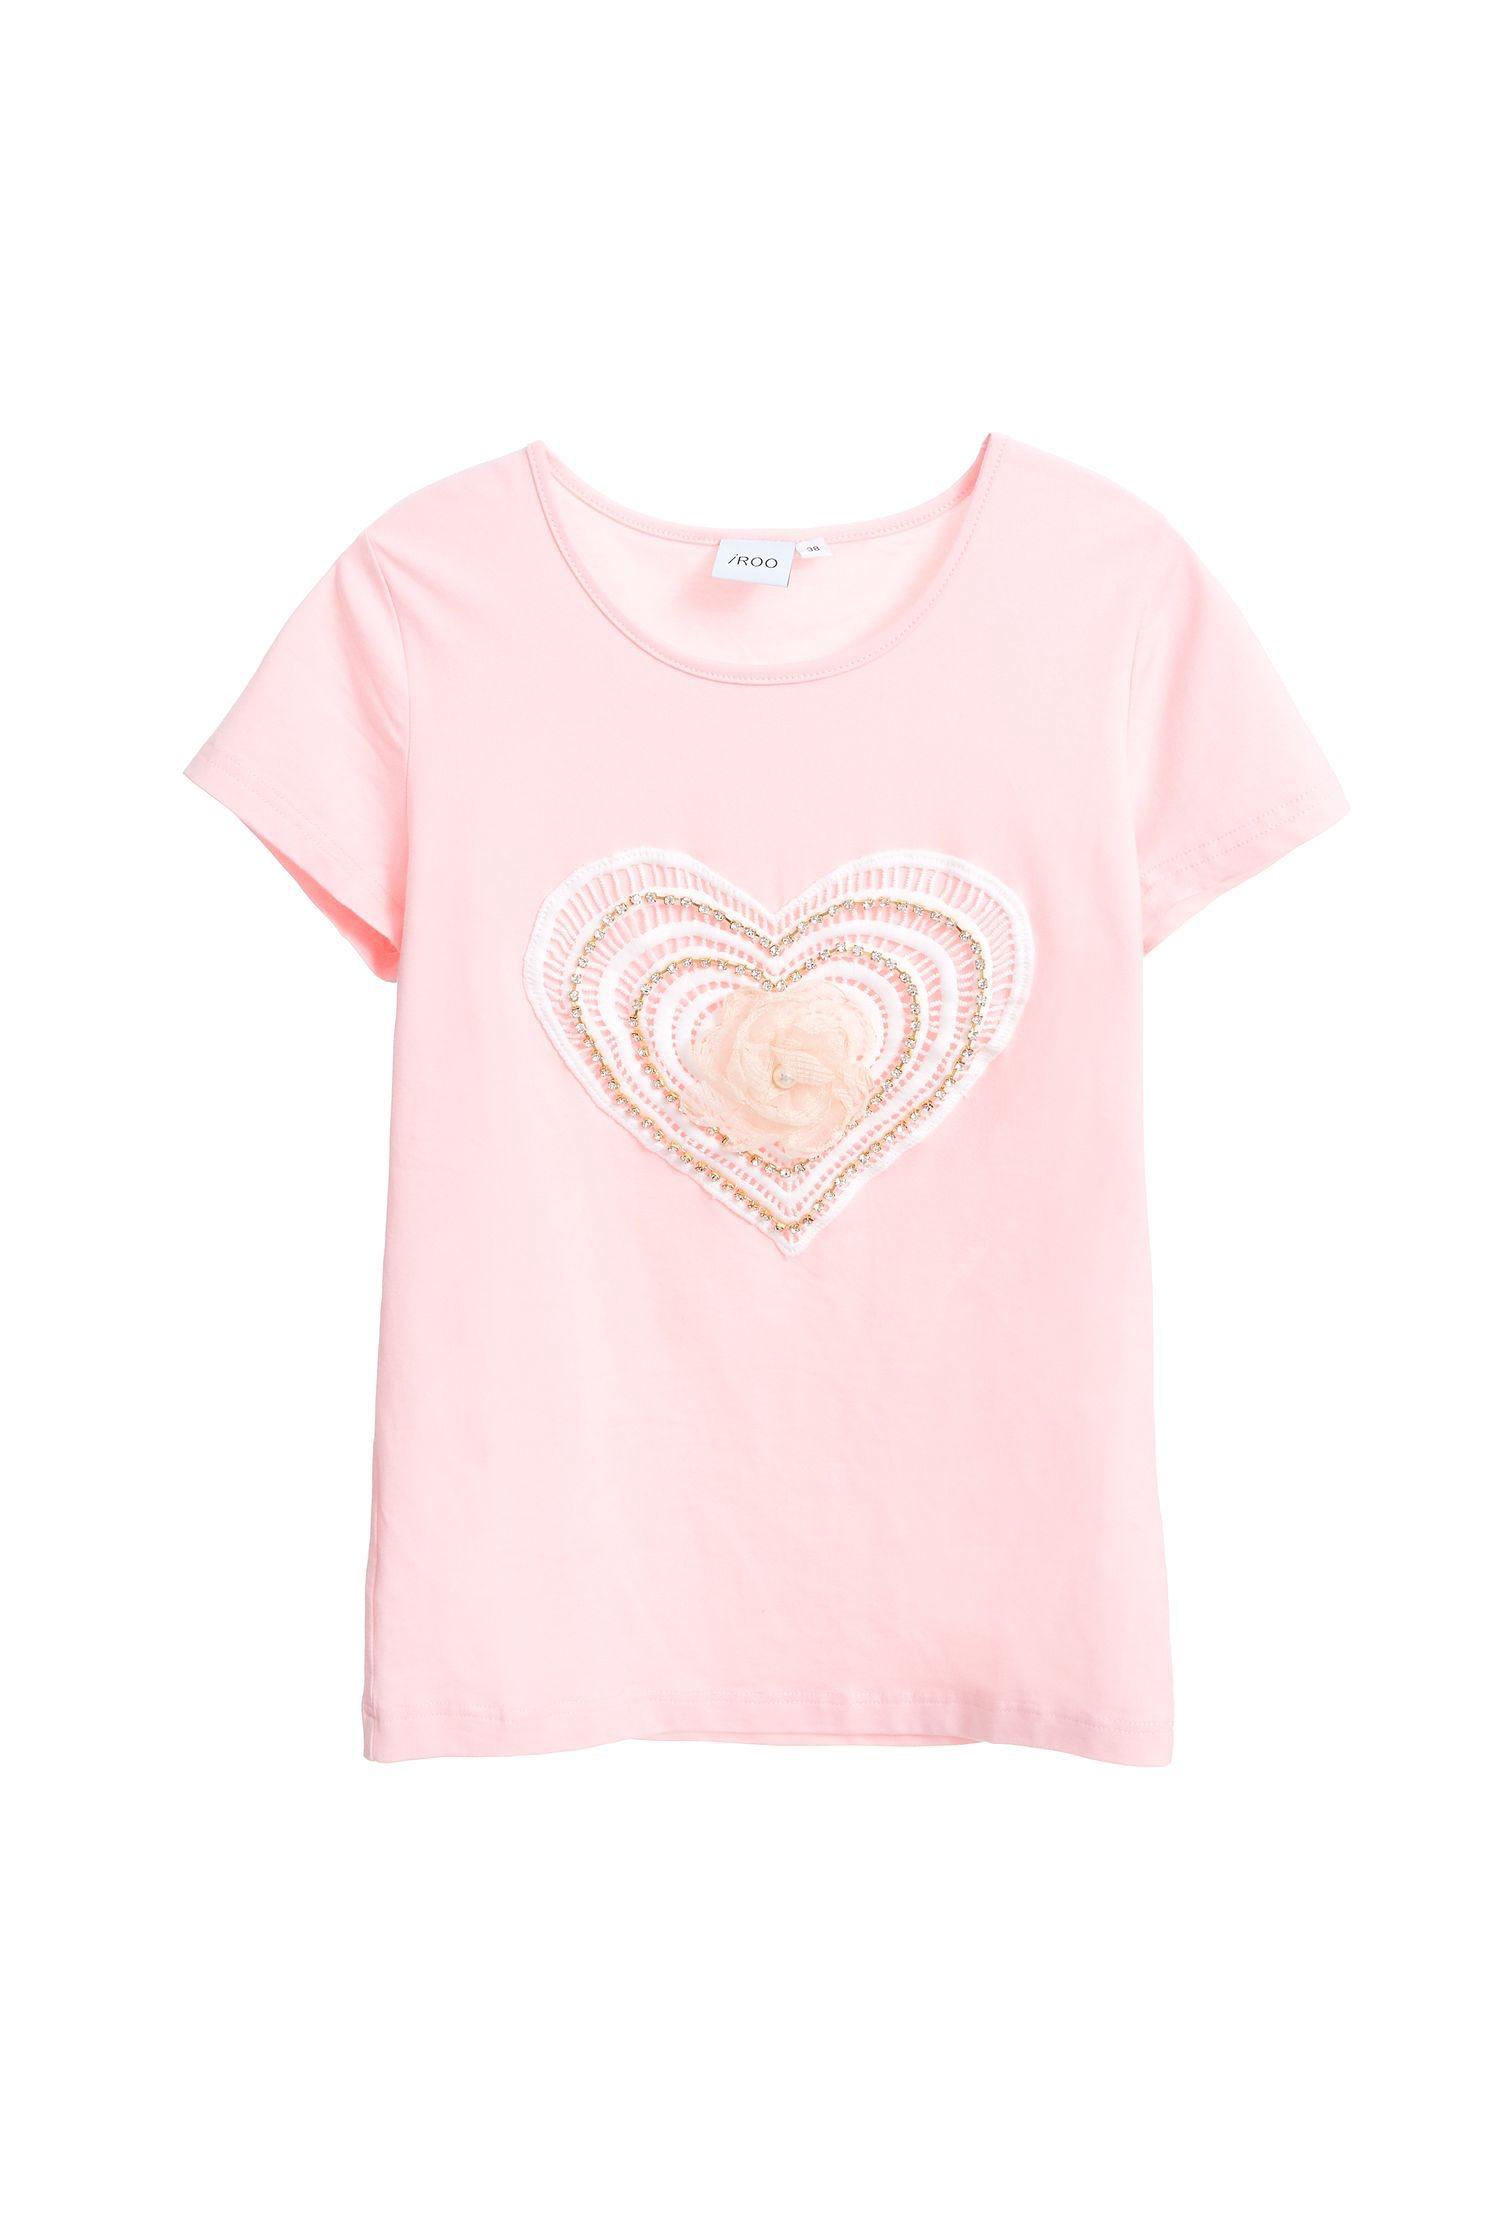 Flower heart T-shirts